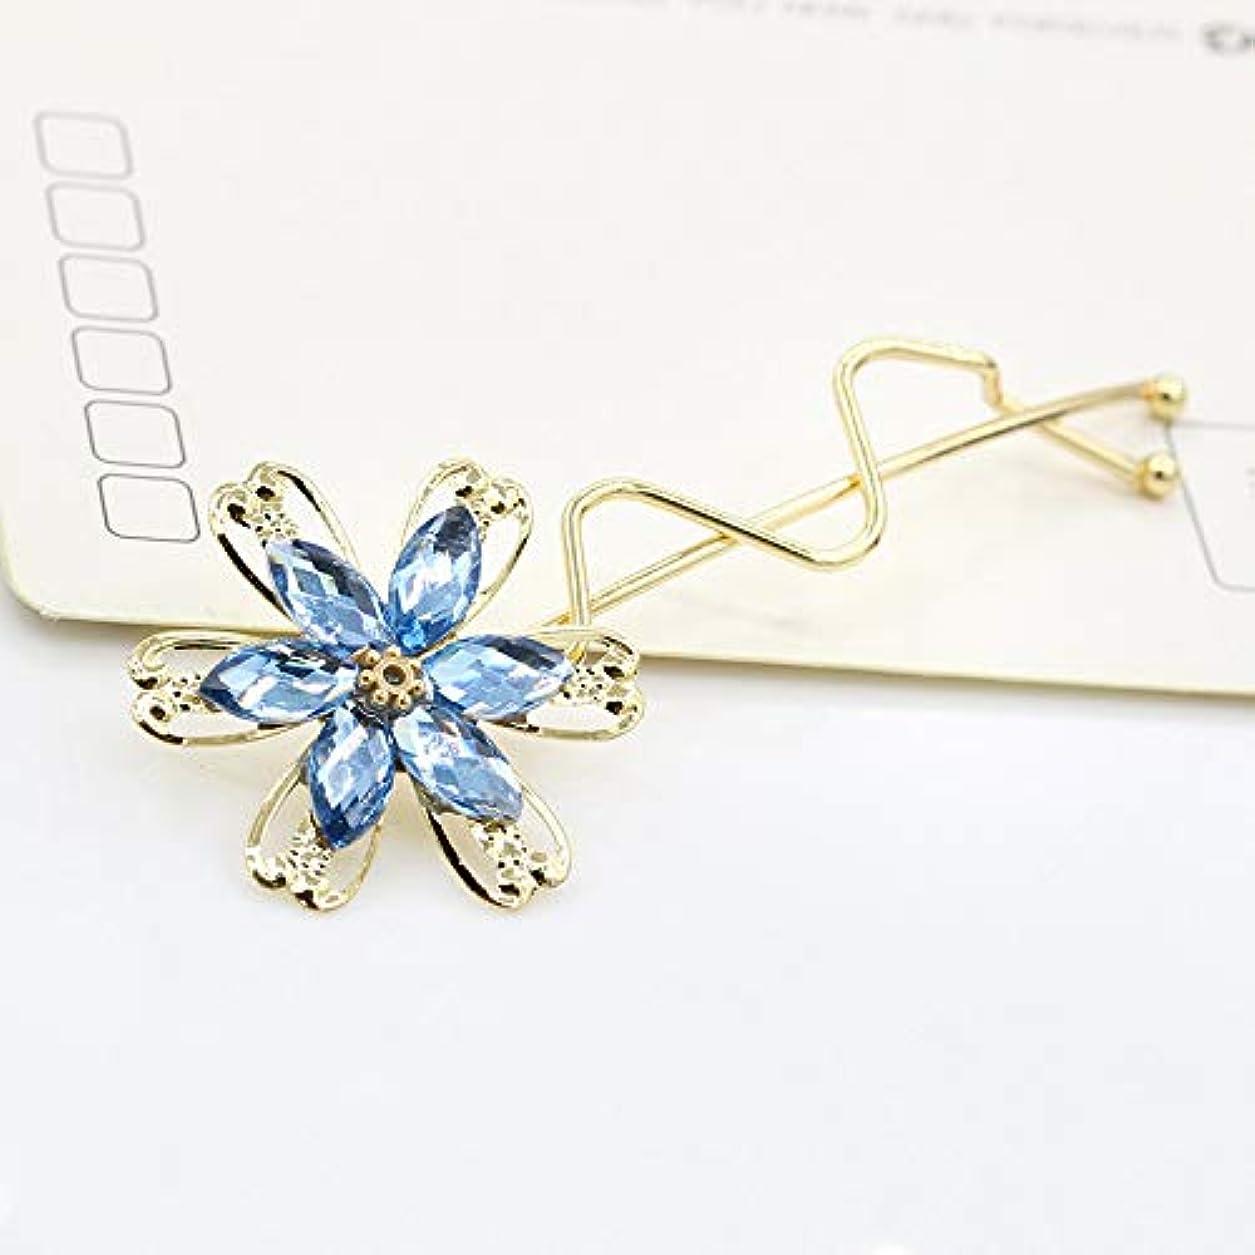 受け入れいつでもしかしHuaQingPiJu-JP ファッションシンプルな桜のヘッドウェア子供のヘアピン便利なヘアクリップ(ブルー)